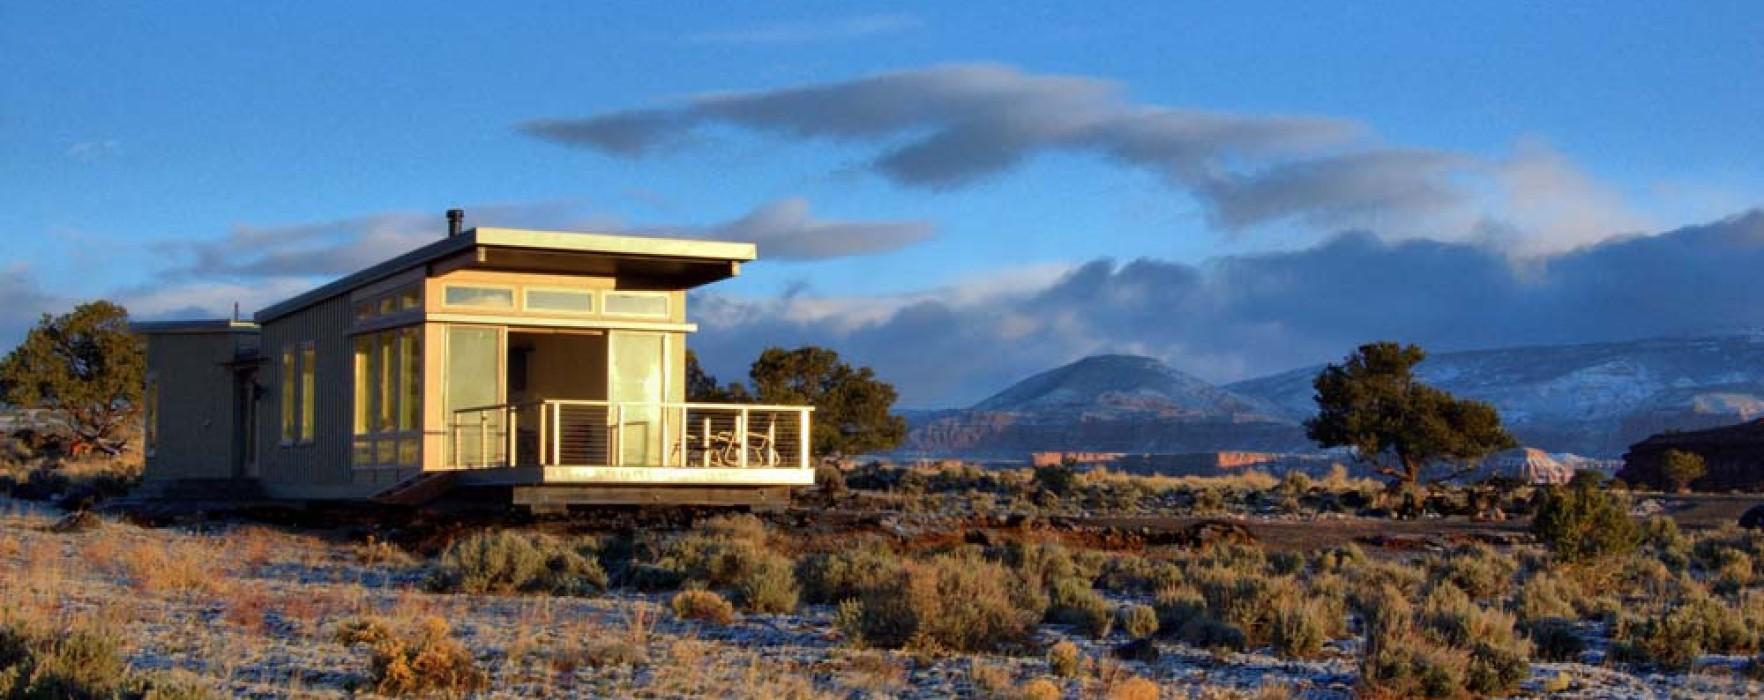 Umidit inerzia termica e tripli vetri for Costare la costruzione di una casa contro l acquisto